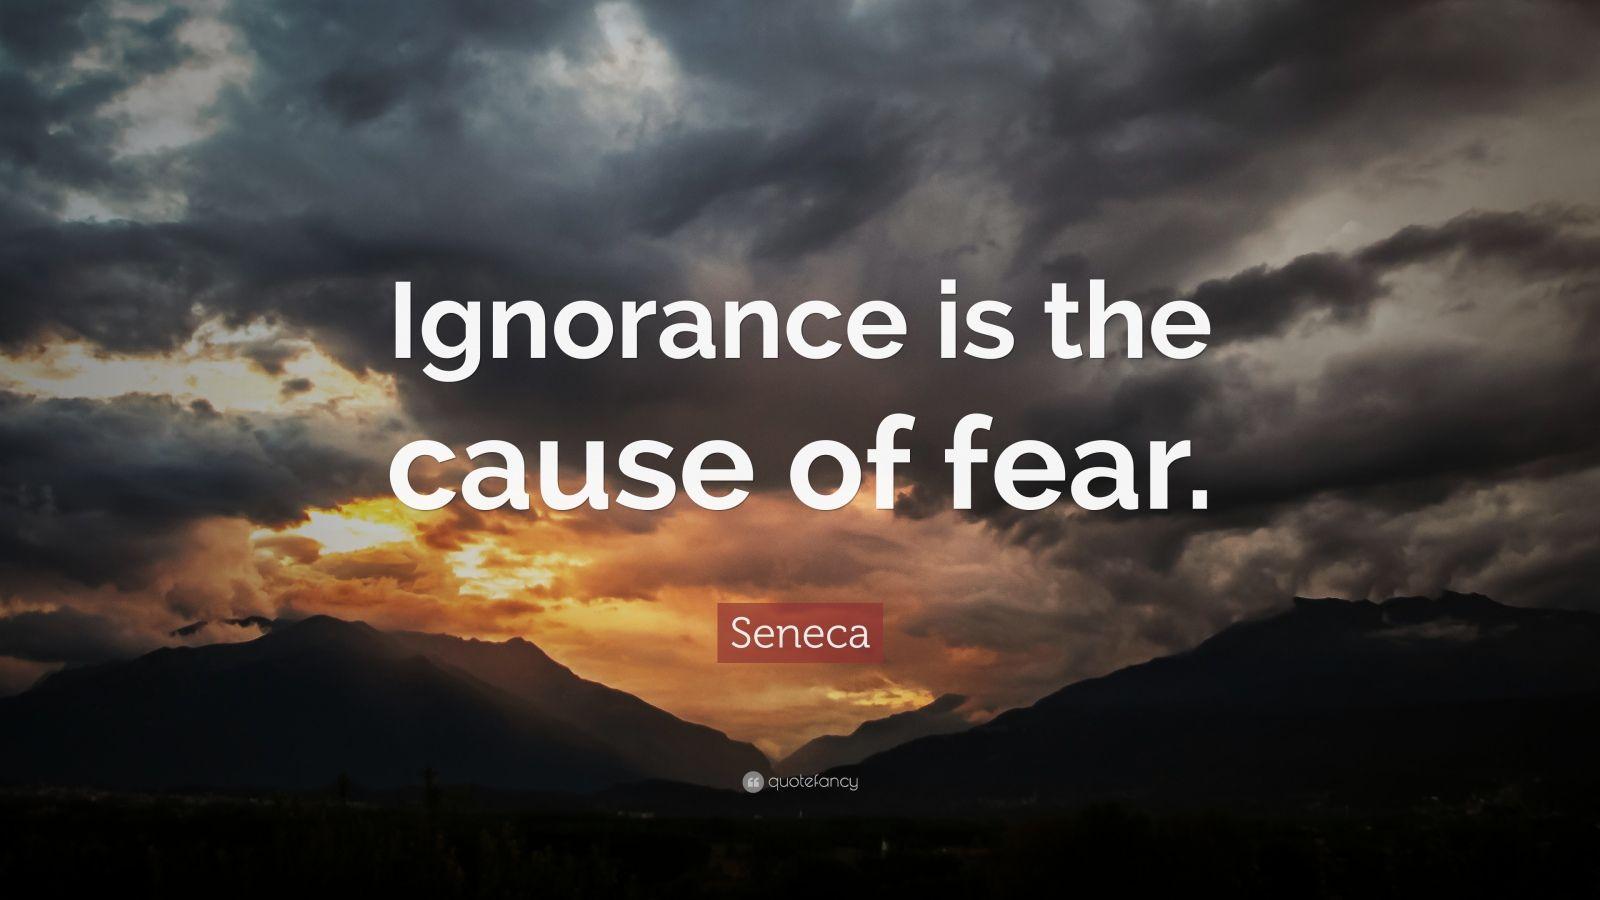 Seneca Quotes About Ignorance